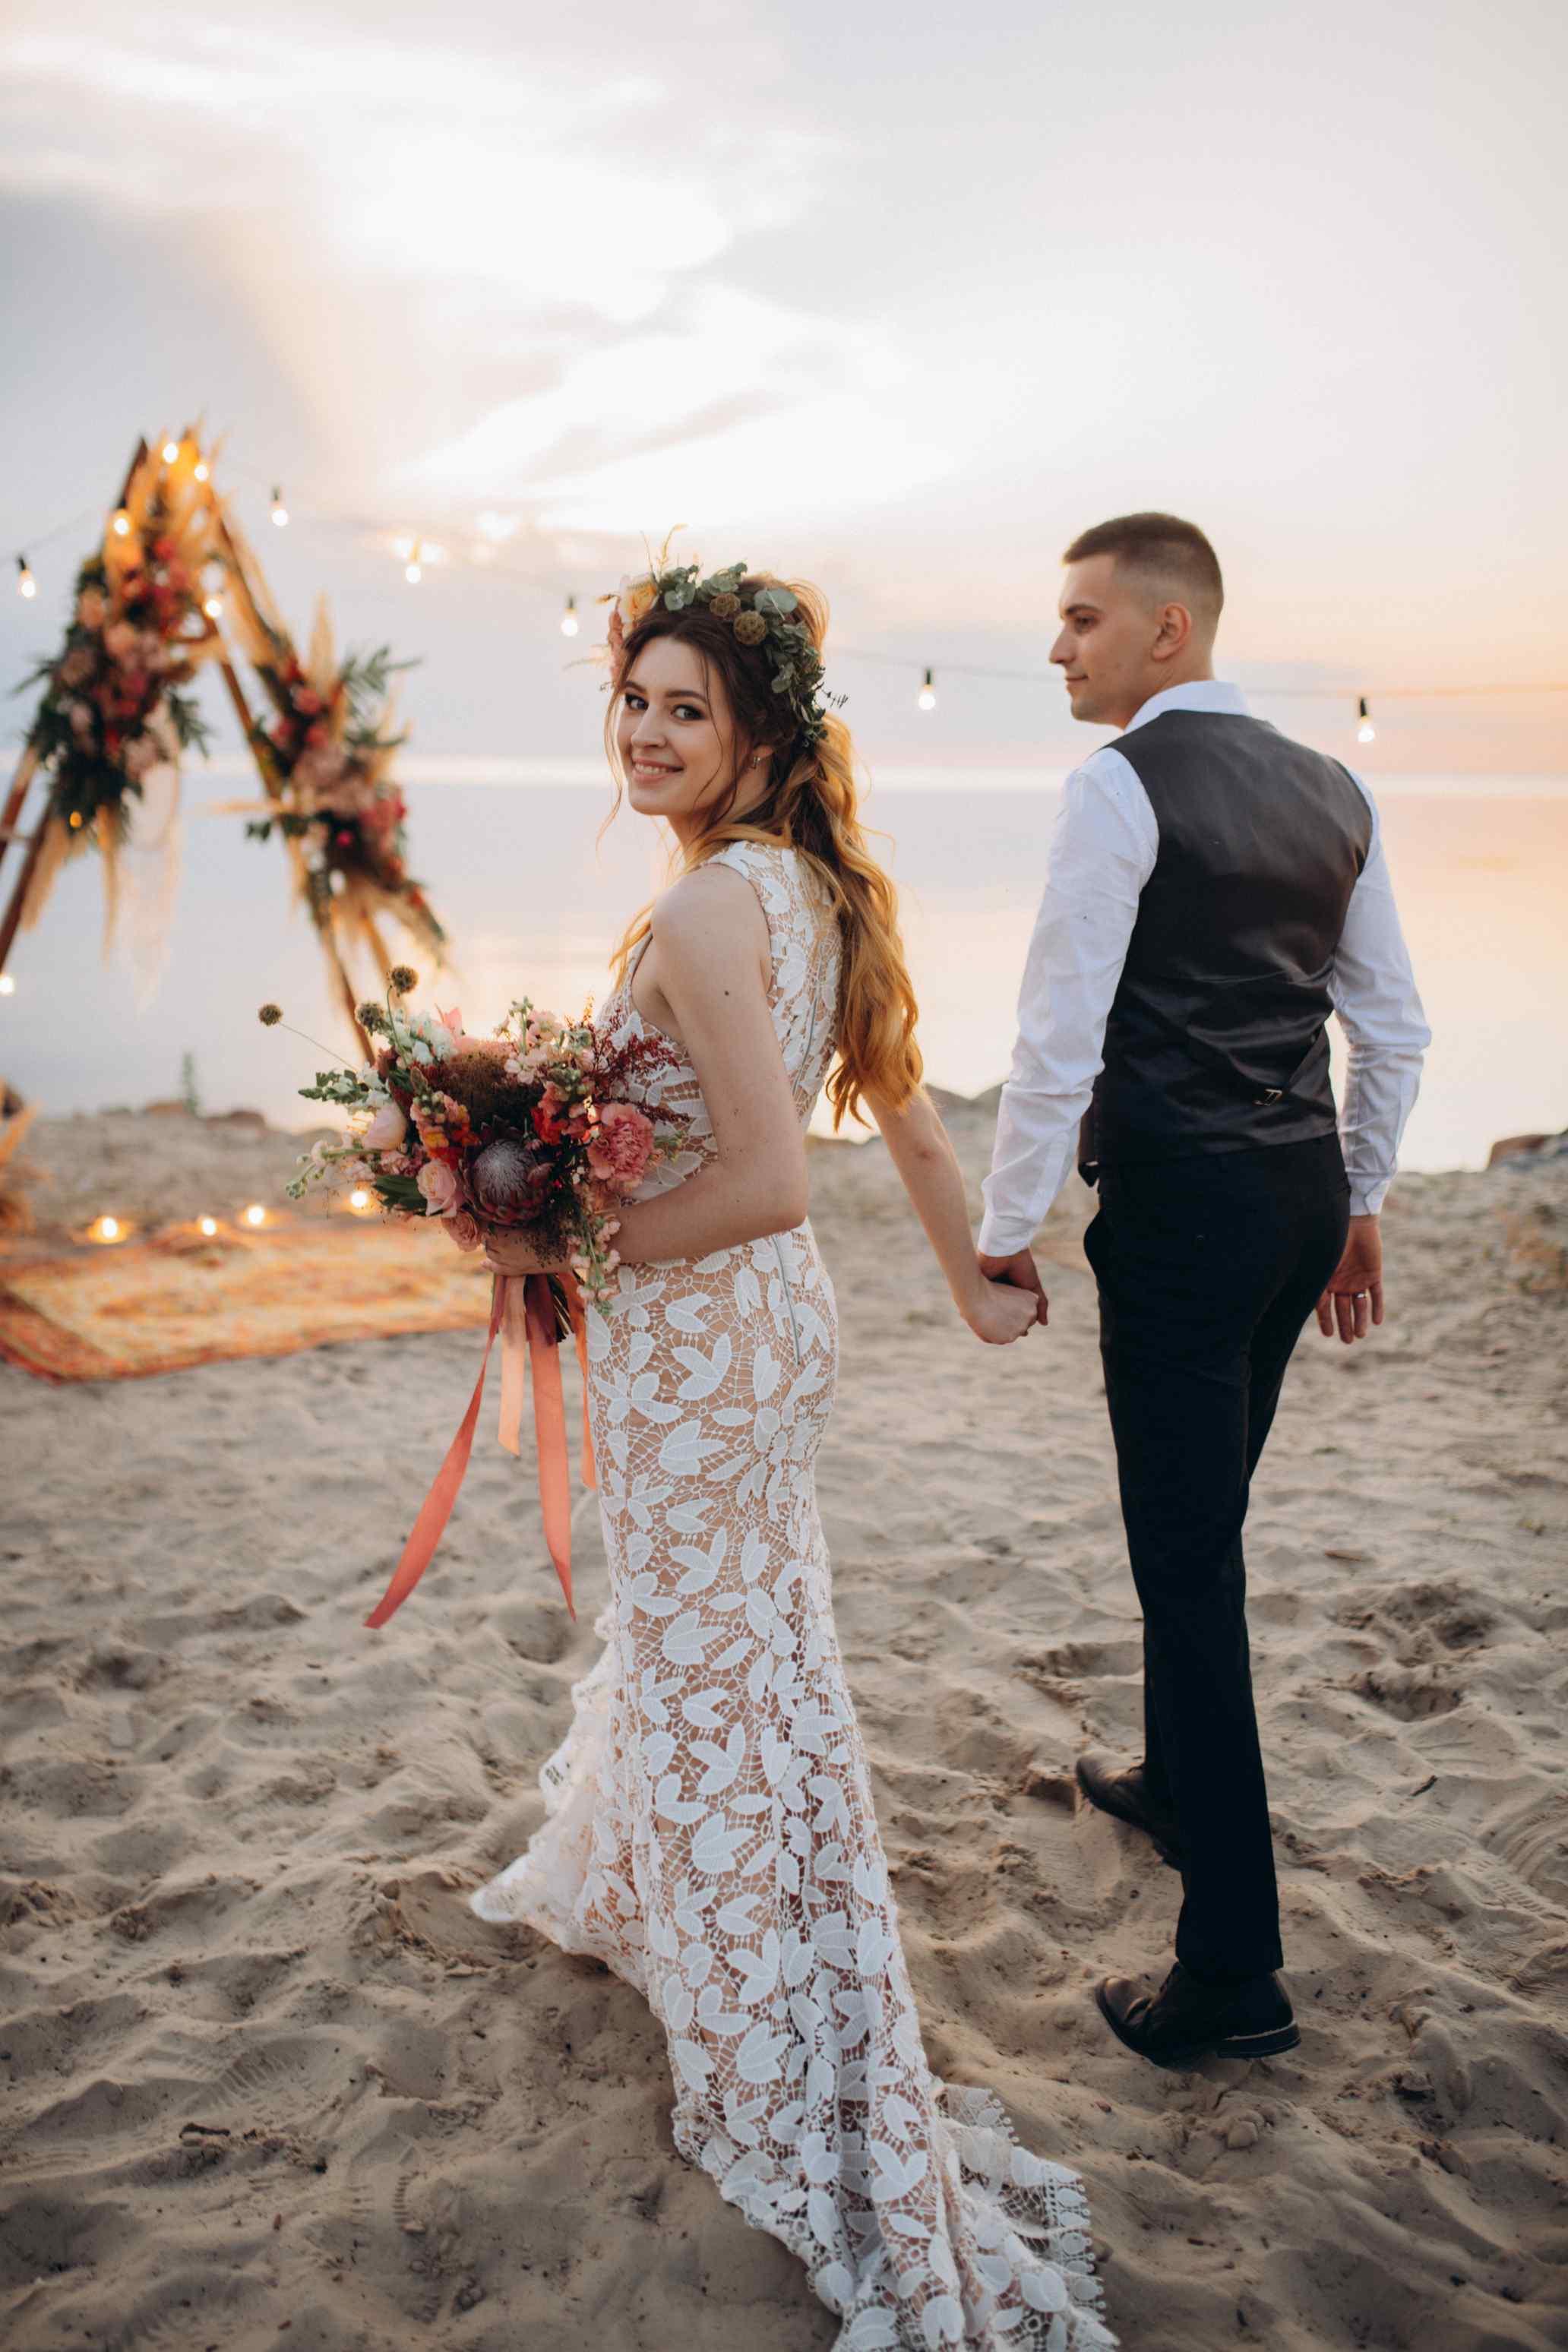 организовать особенную свадьбу